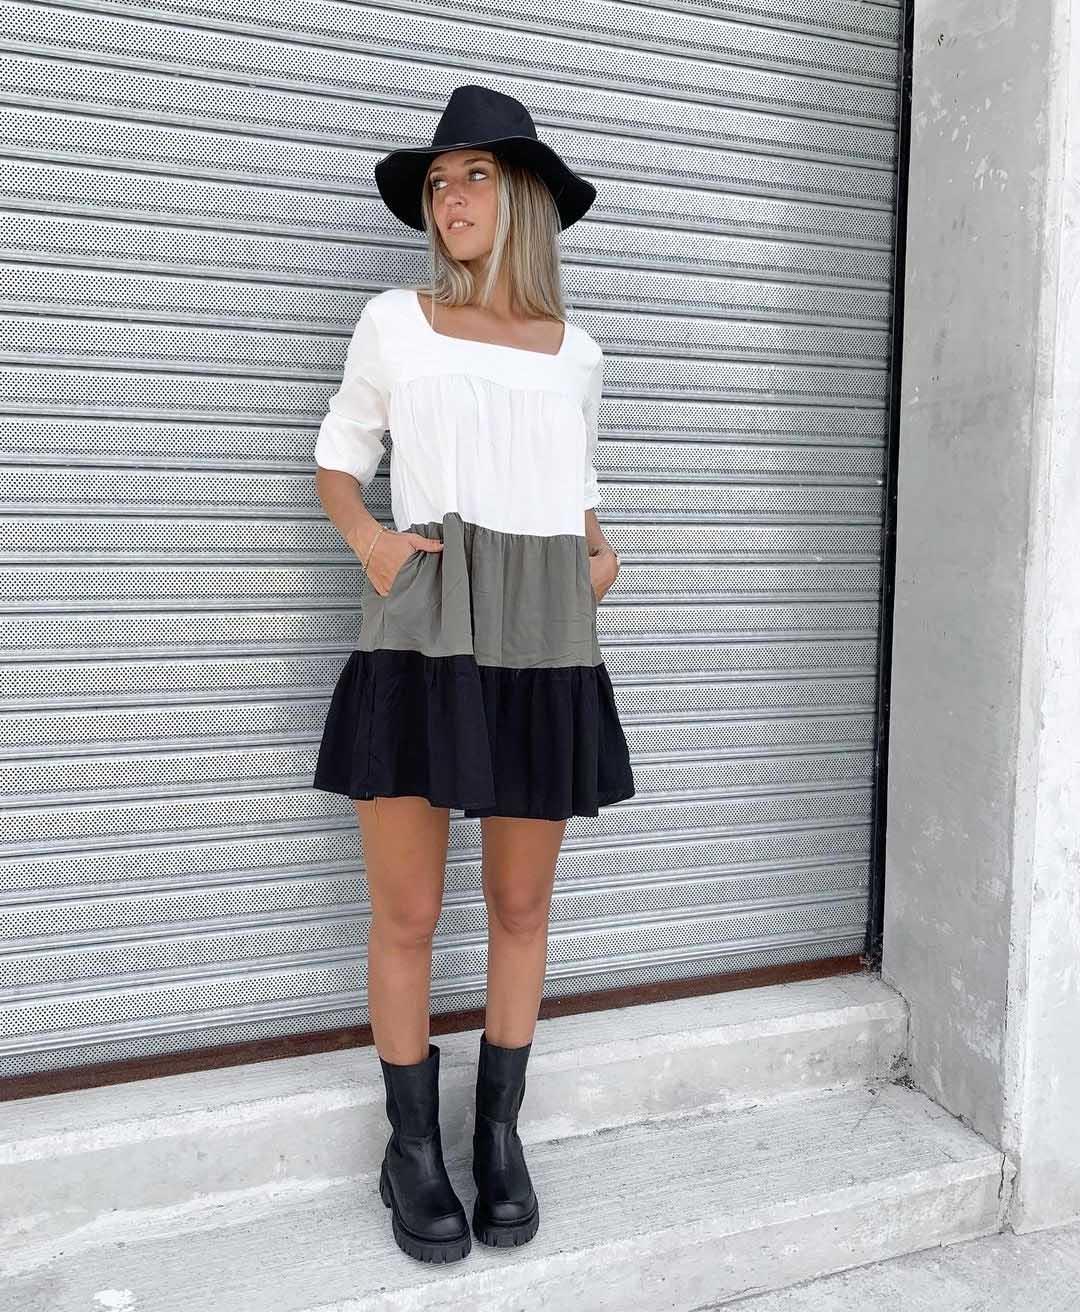 vestidos cortos invierno 2021 ropa de moda juvenil